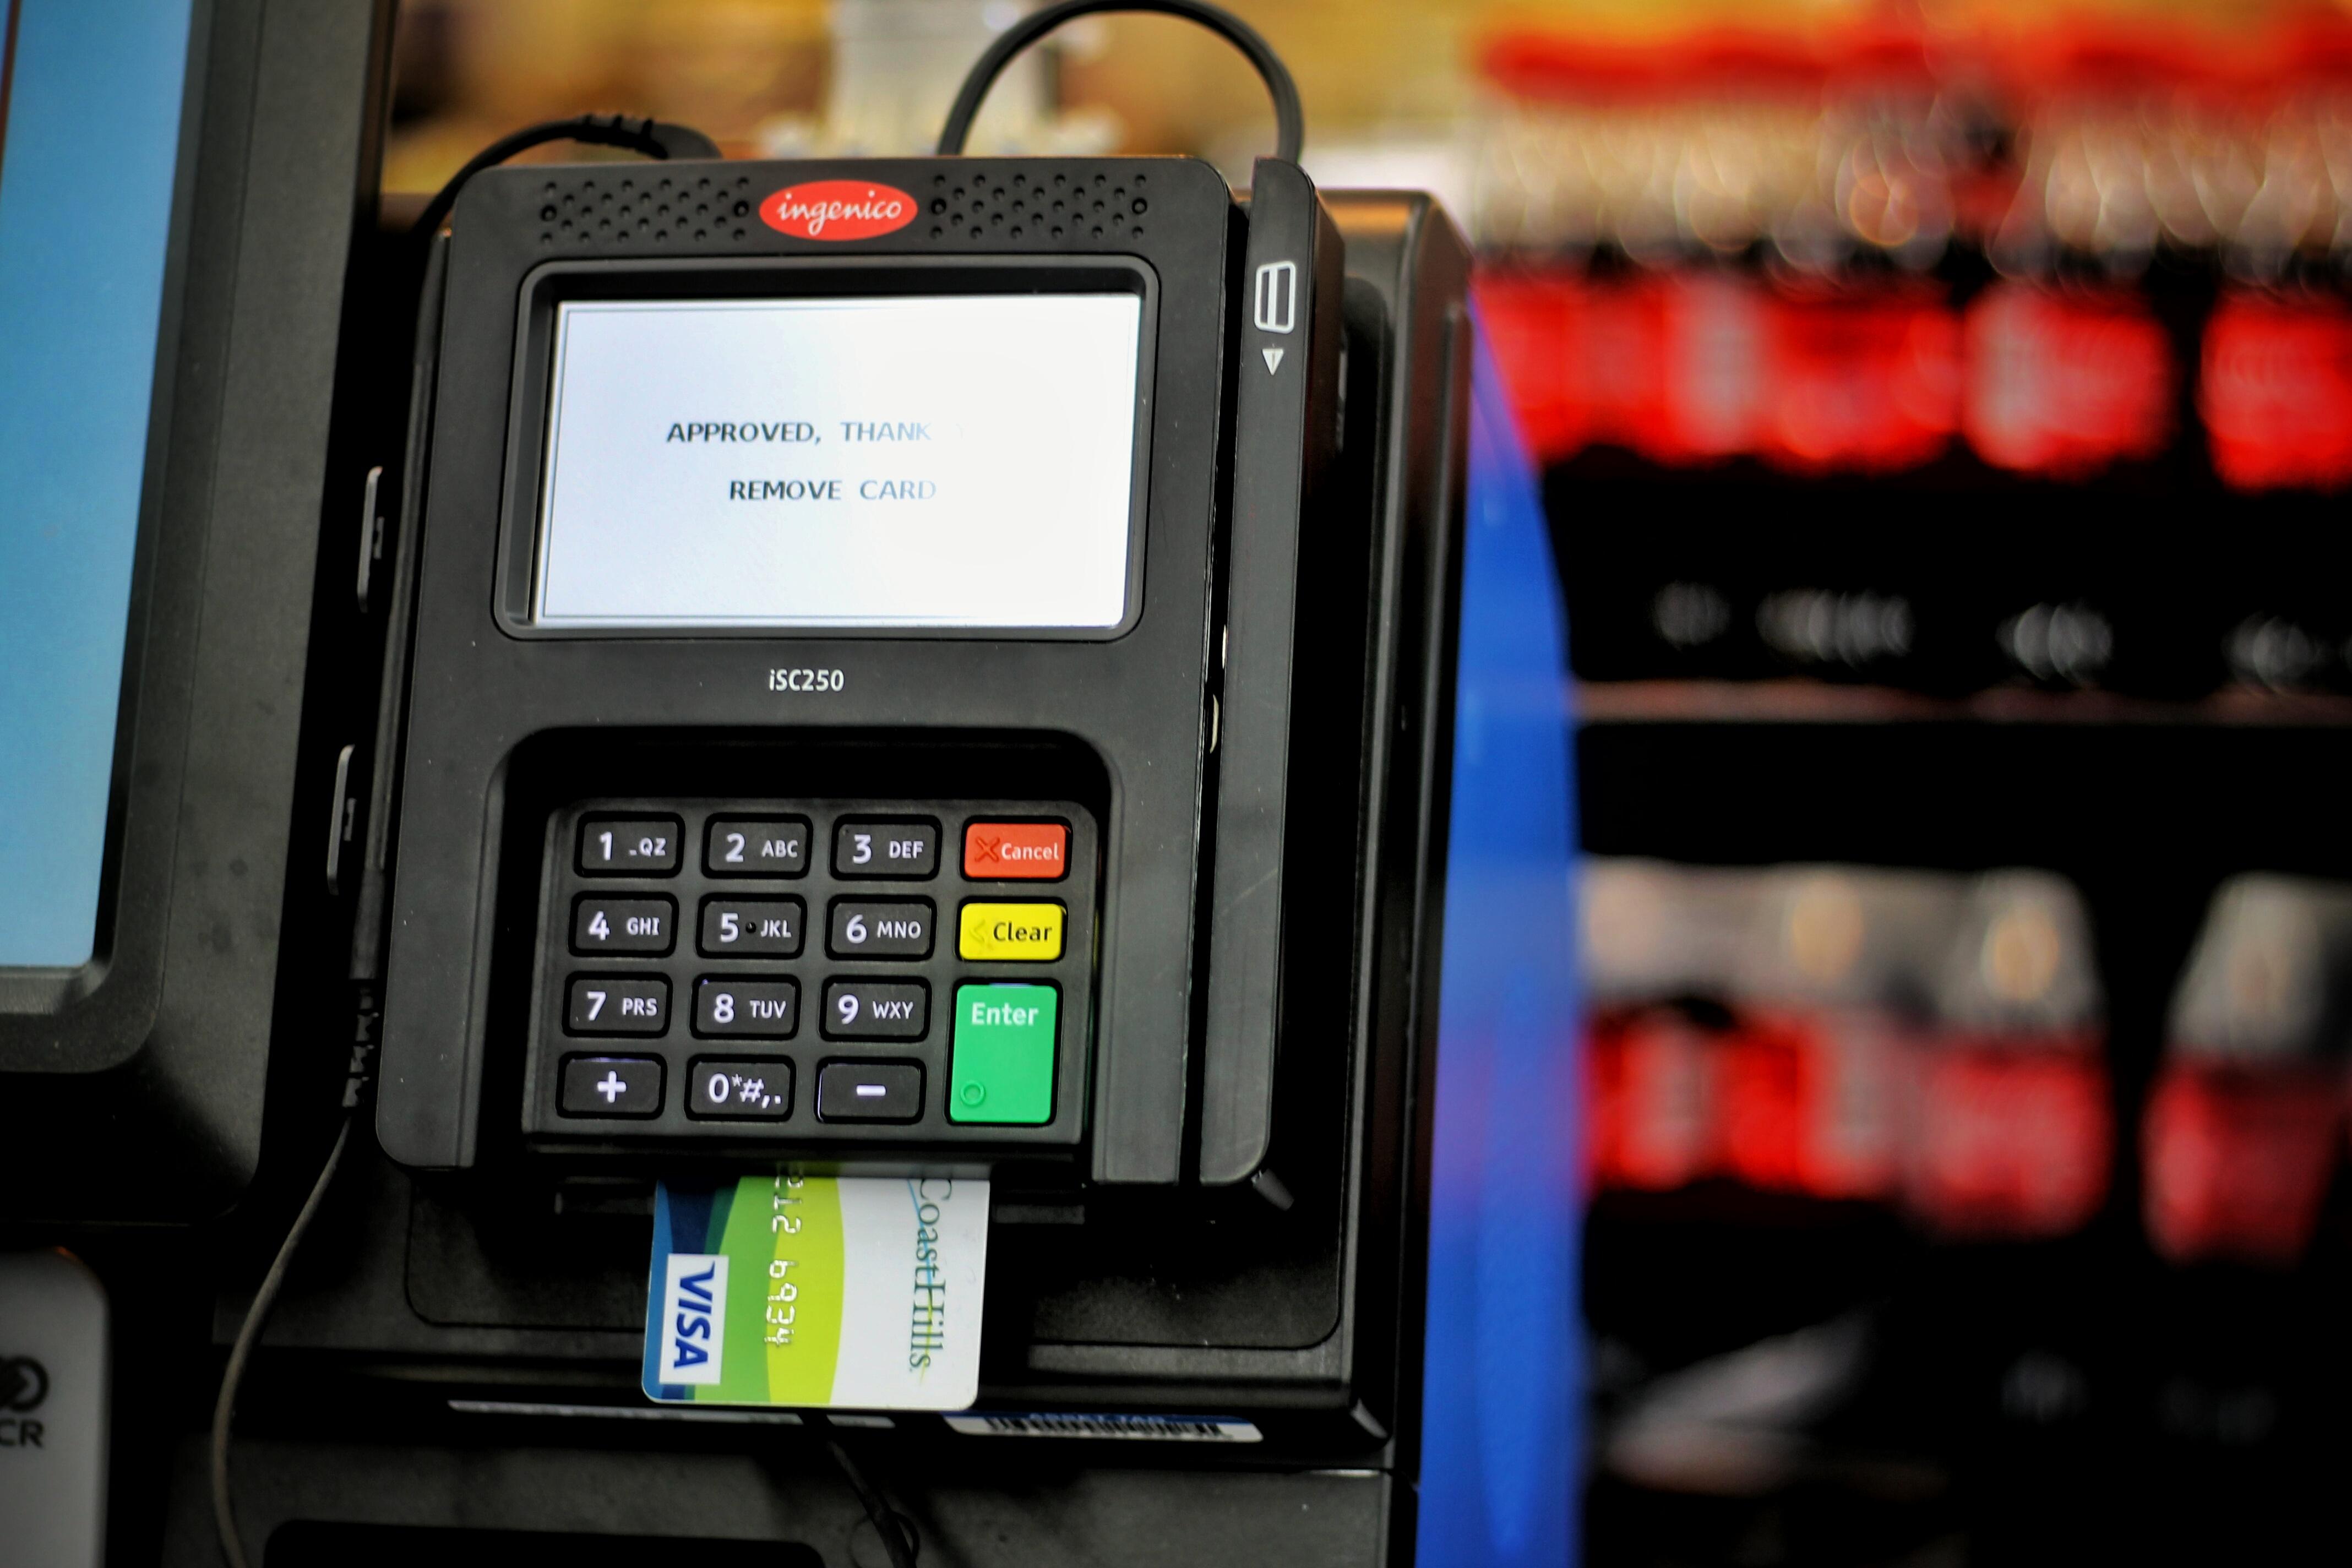 chip visa credit card